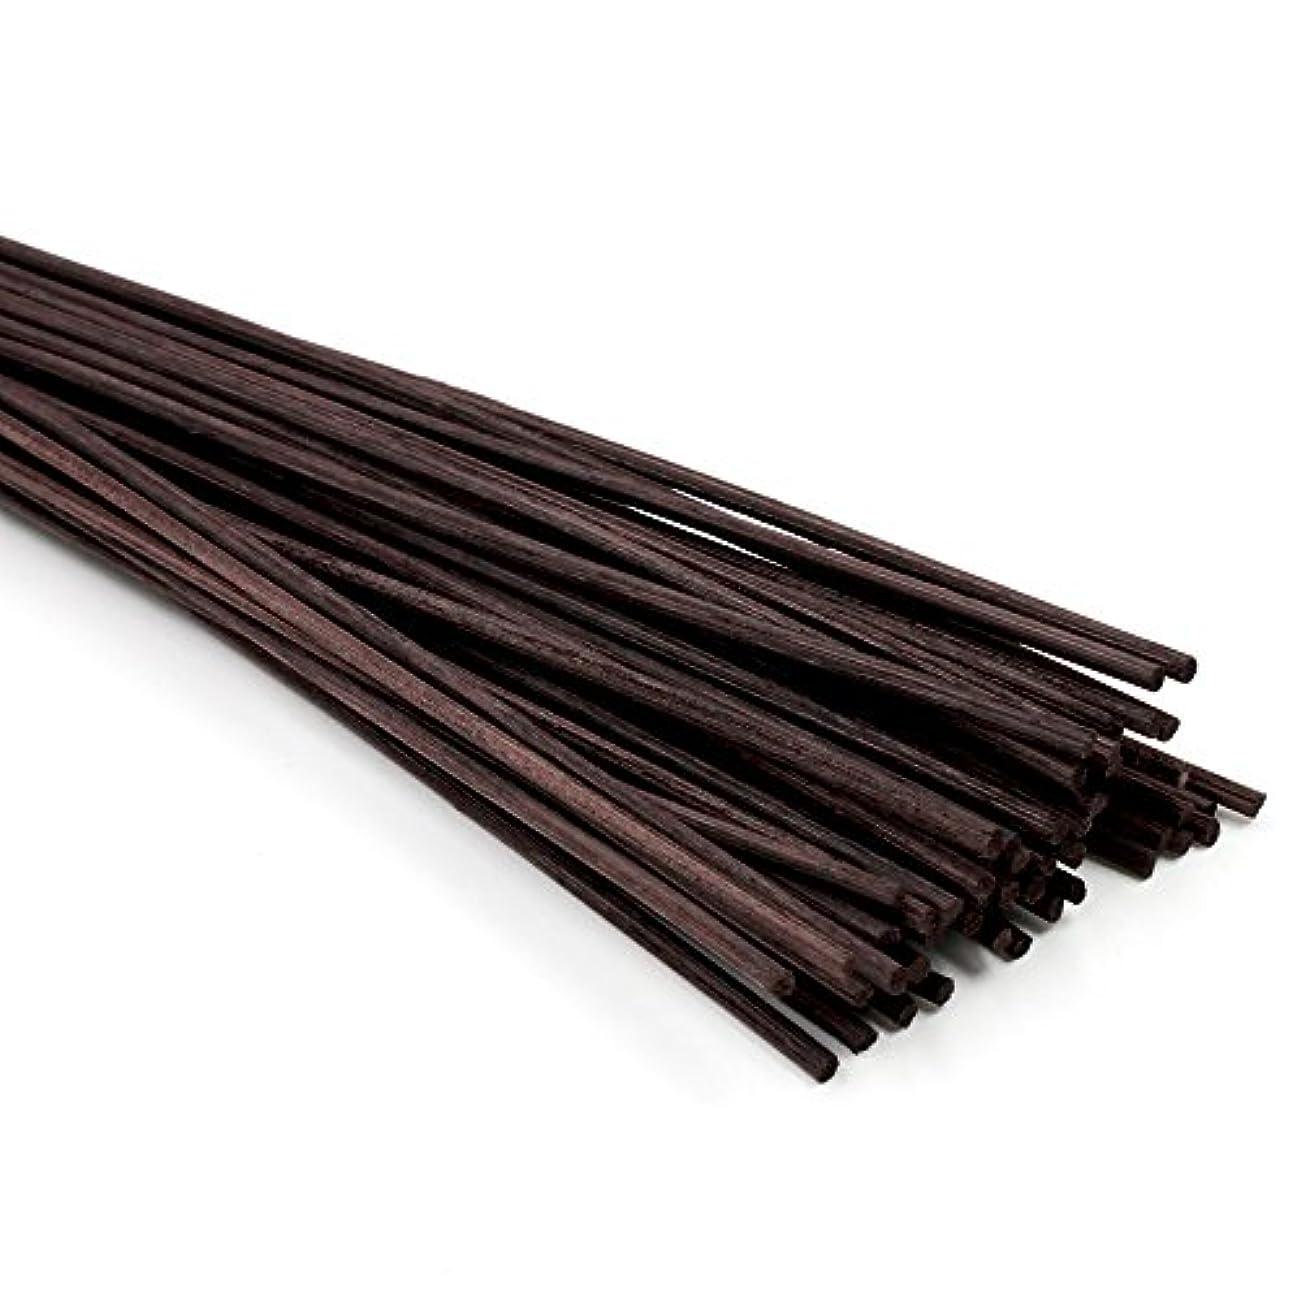 腸神経レガシーFeel Fragrance リードディフューザー用 リードスティック リフィル ブラウン 0.3*25cm (60)